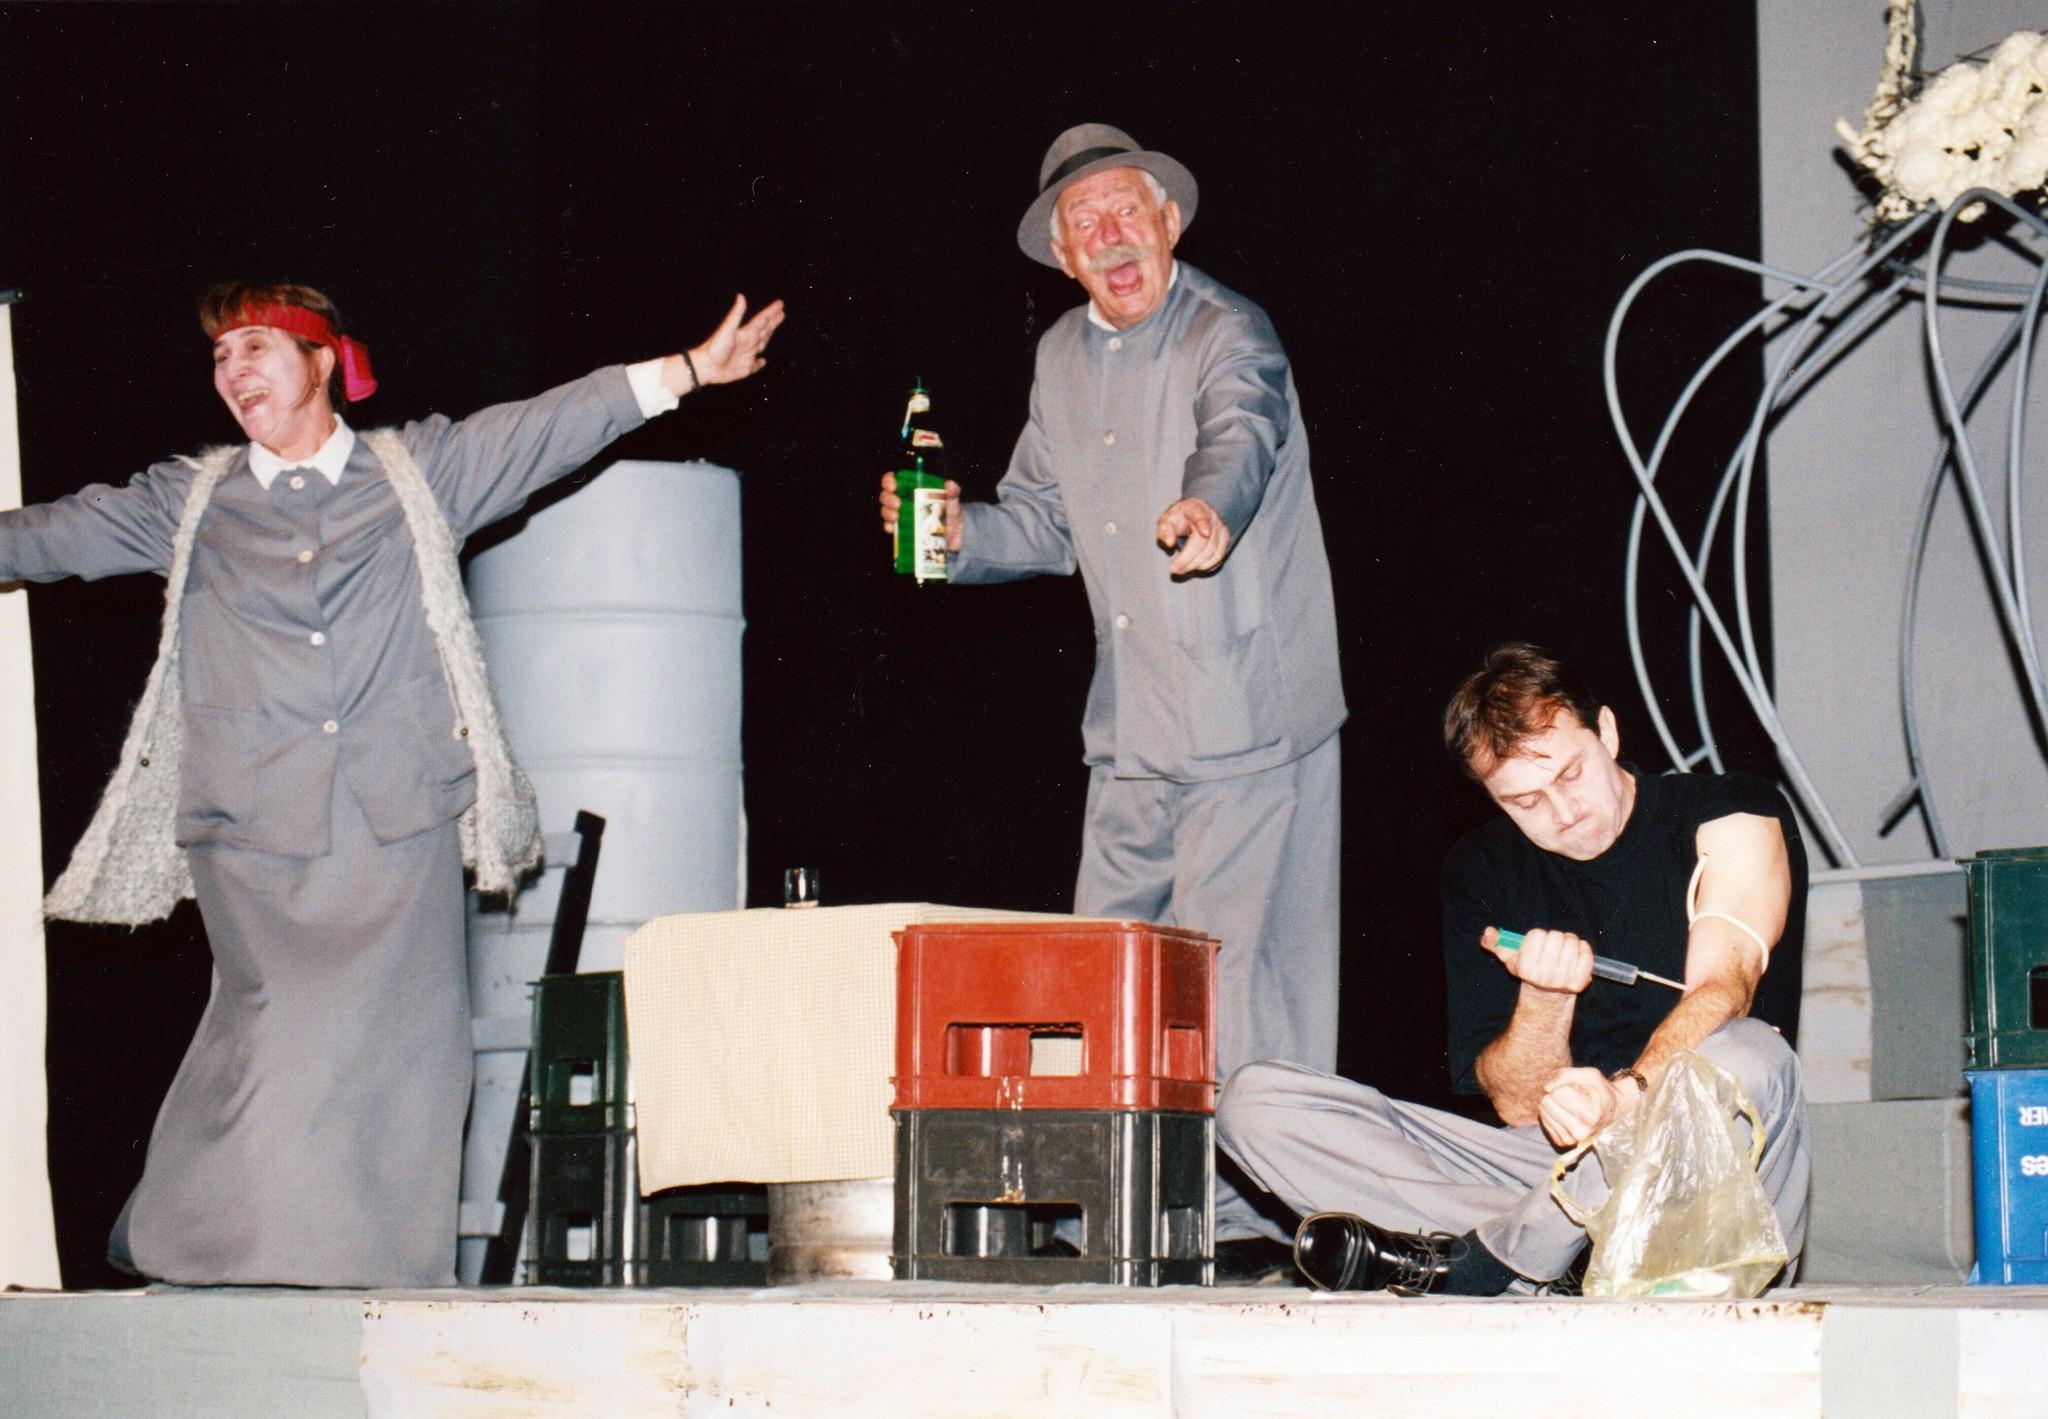 Scena iz predstave 'Šta je to ljudskom biću što ga vodi prema piću'